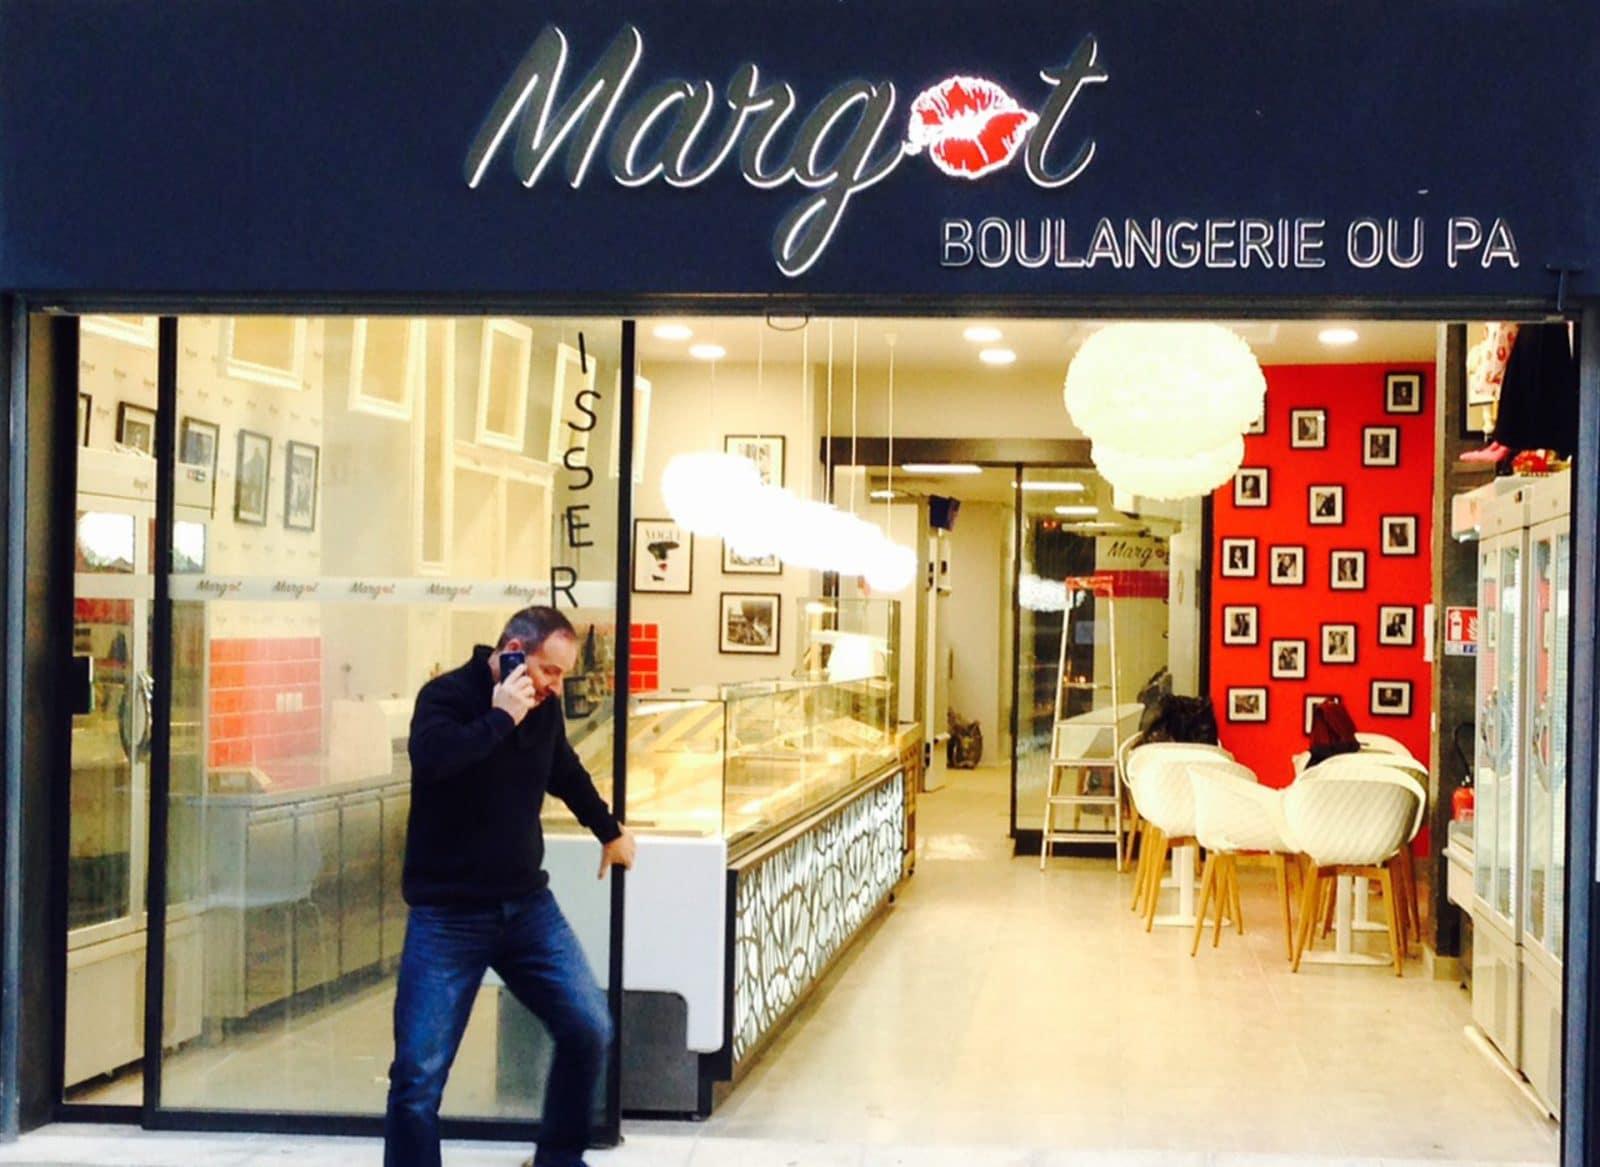 Margot - Boulangerie